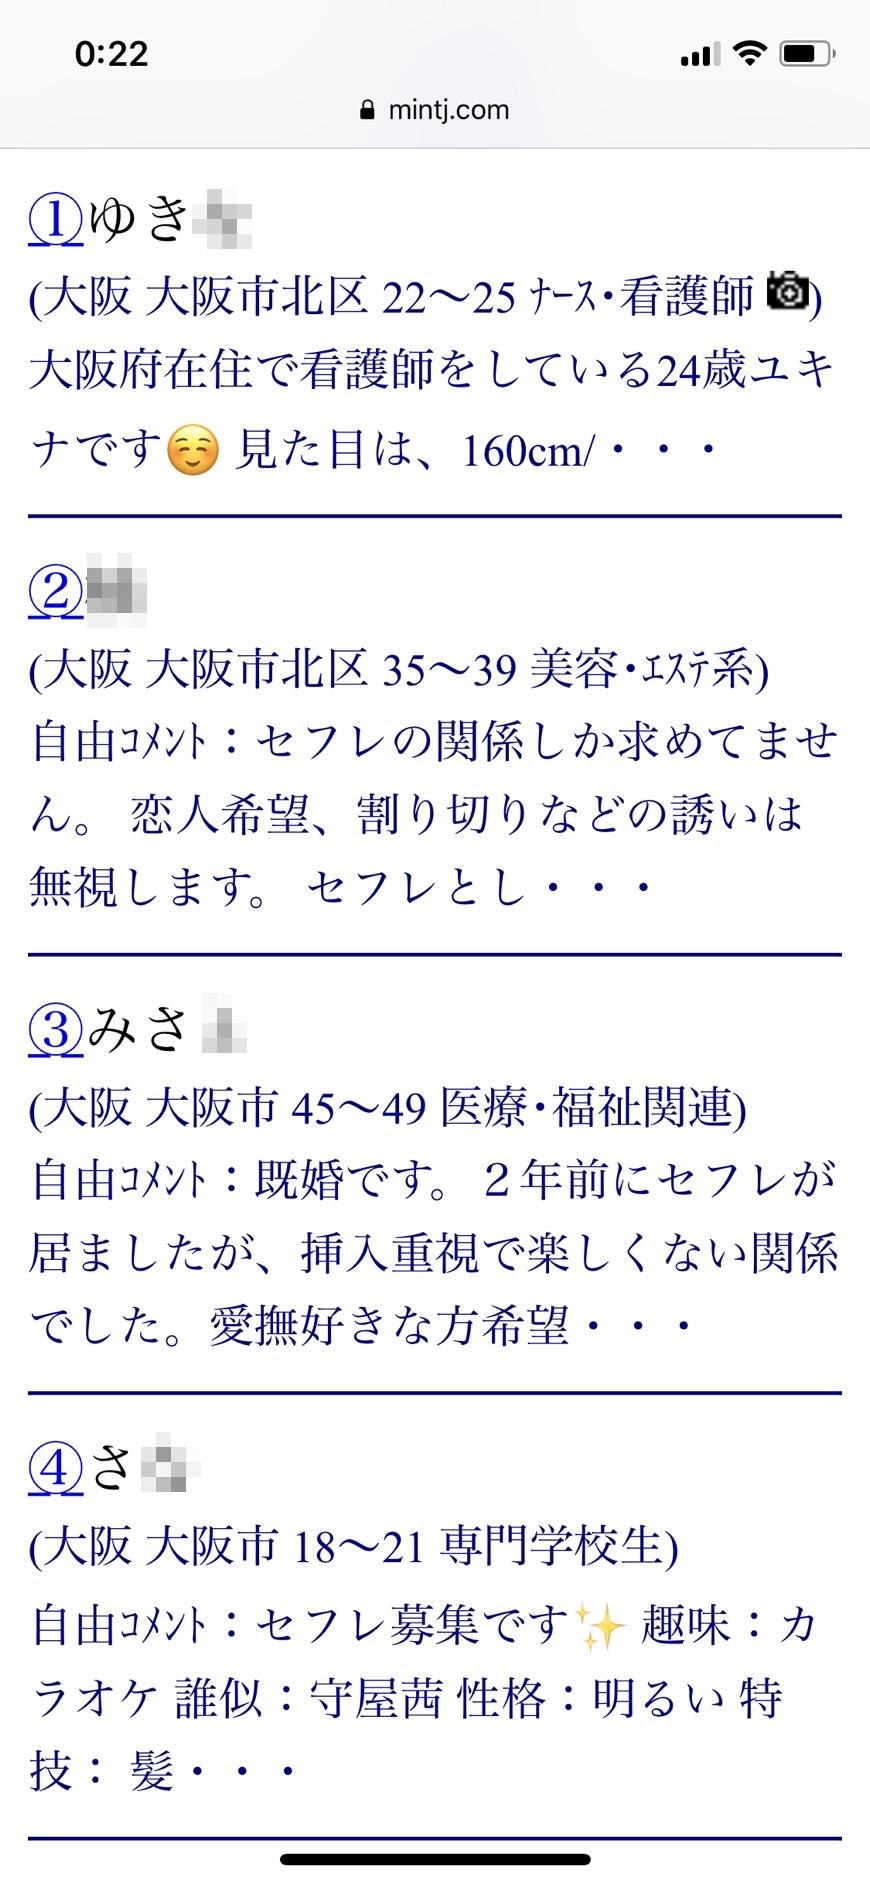 大阪・セフレ希望(Jメール)